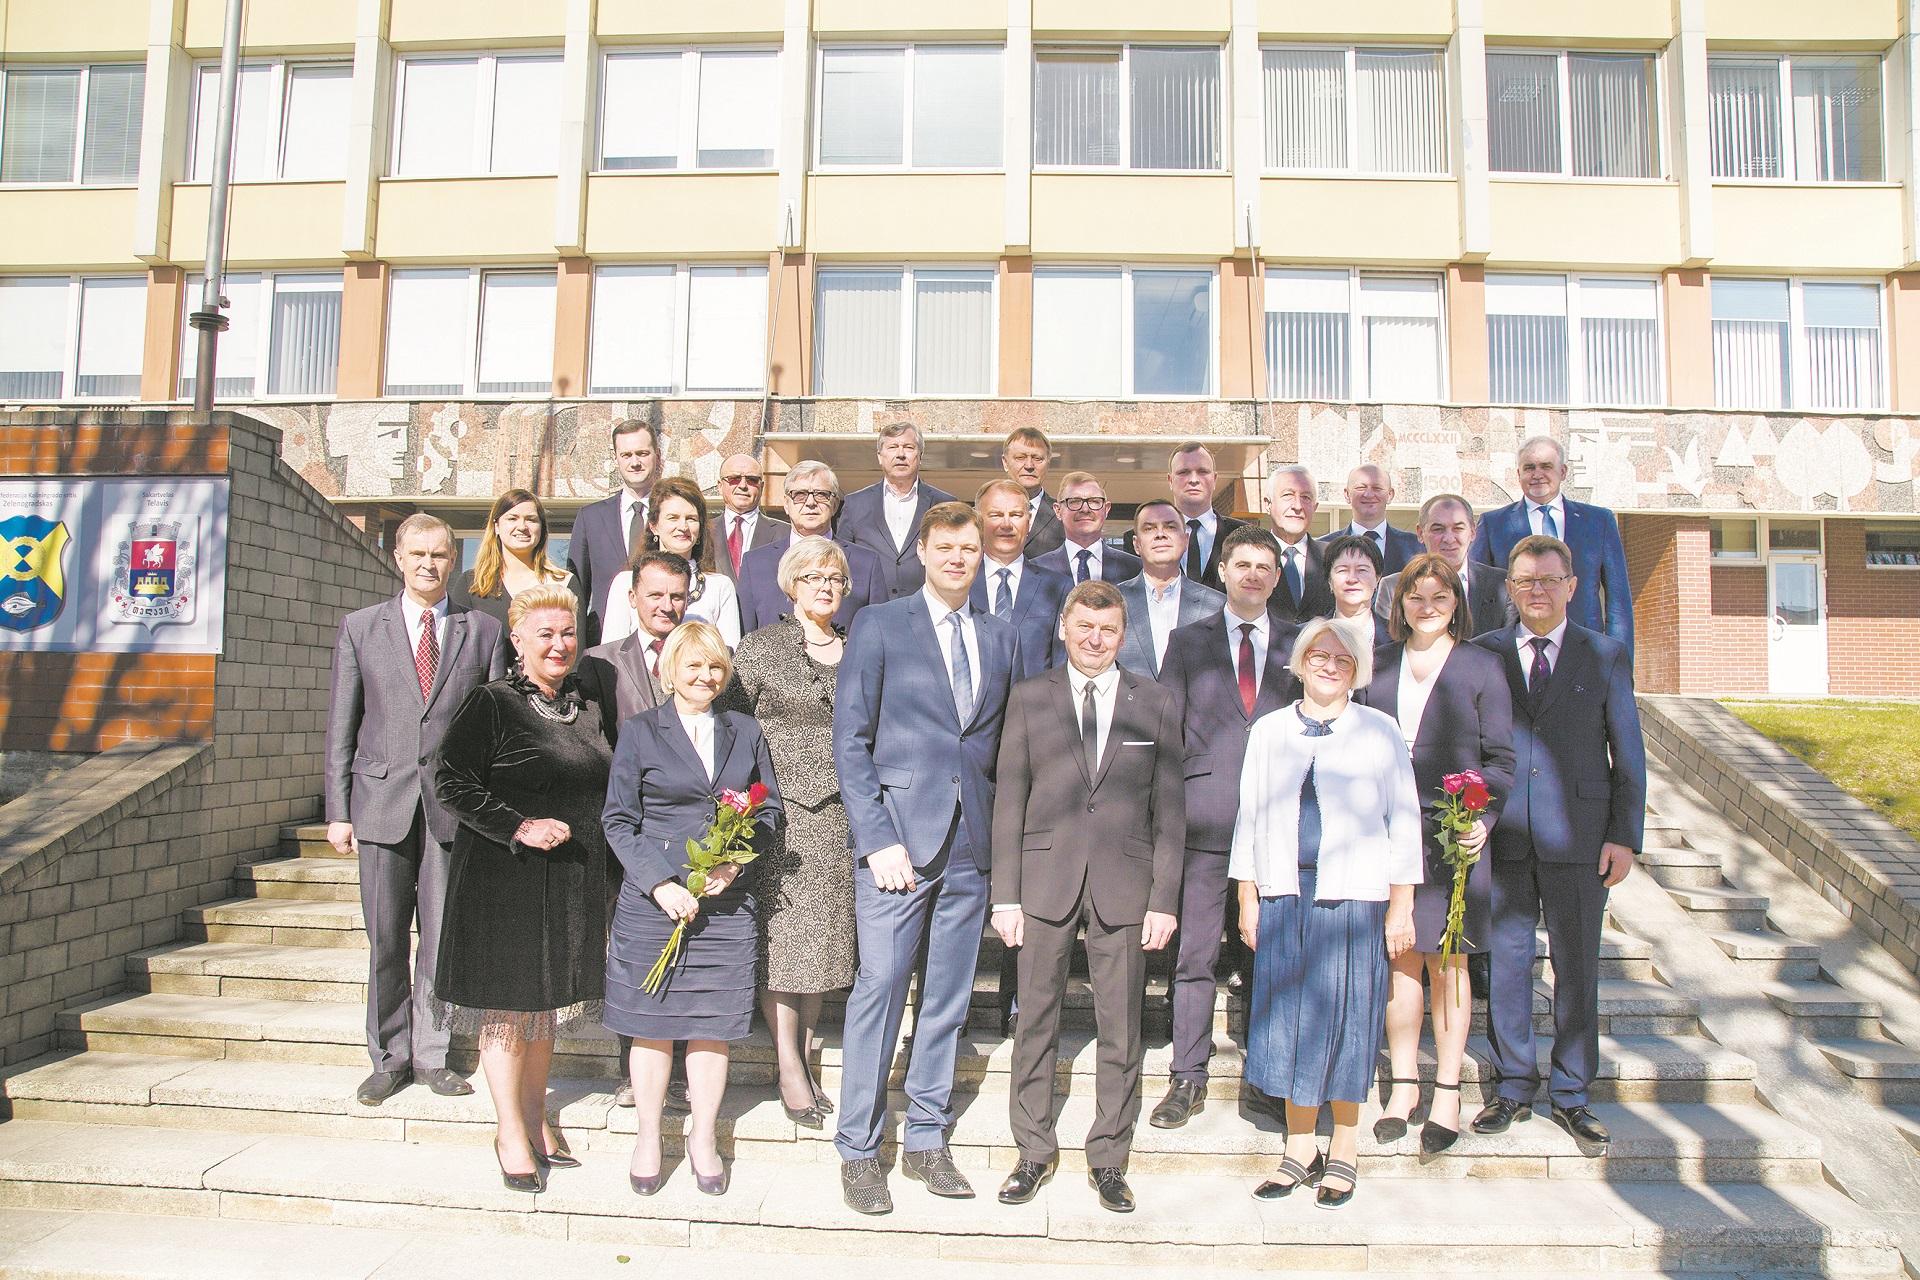 Naujai išrinktoji taryba ir tiesiogiai išrinktas meras Valentinas Tamulis prisiekė 2019 metų balandžio 17 dieną. Giedrės Minelgaitės-Dautorės nuotr.